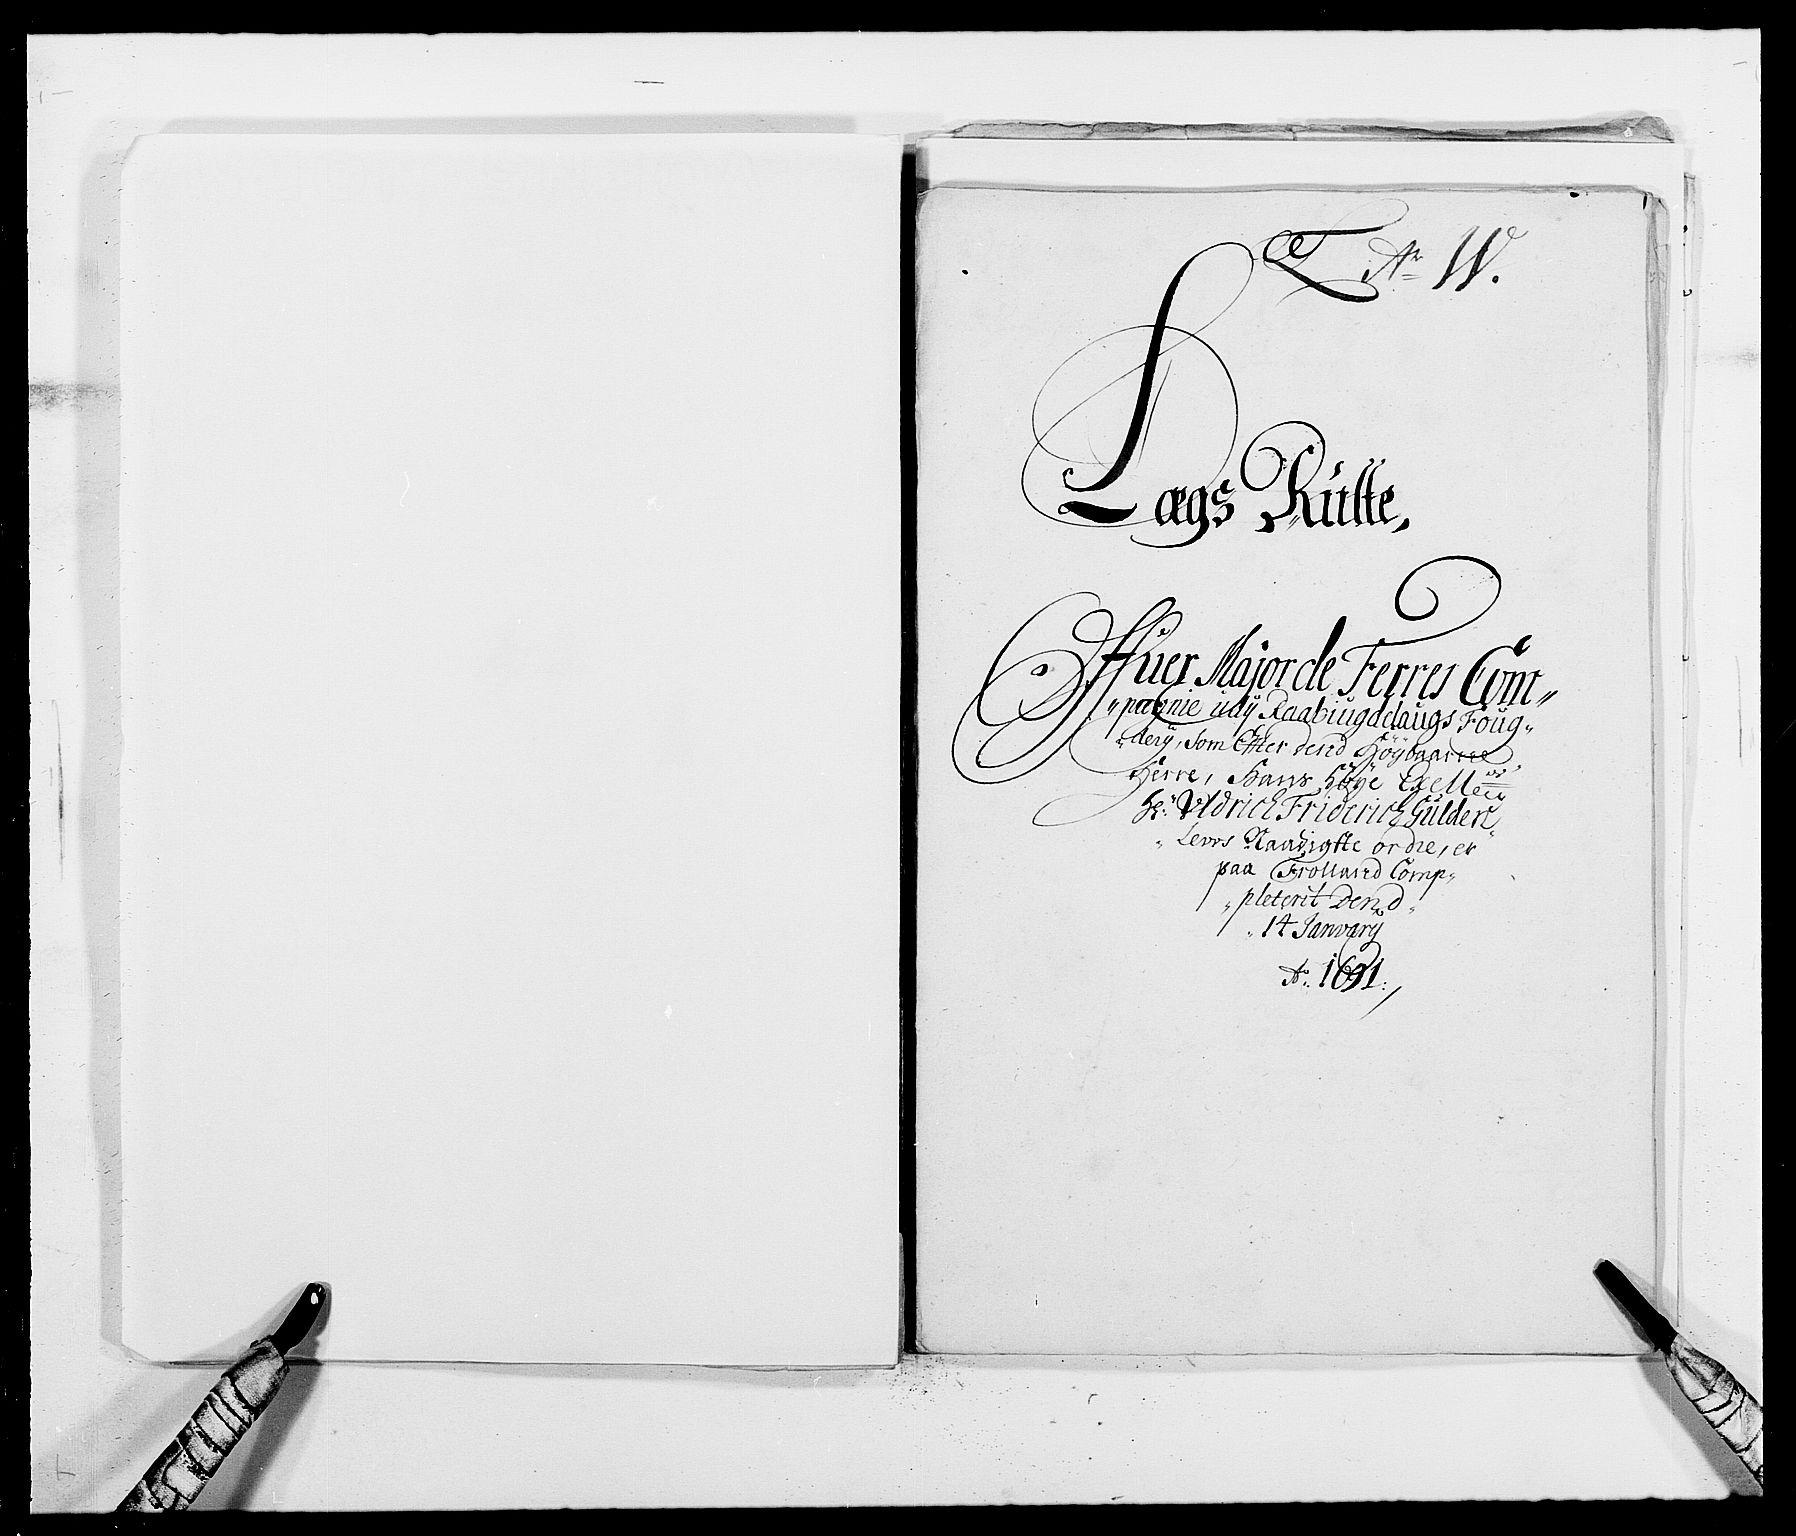 RA, Rentekammeret inntil 1814, Reviderte regnskaper, Fogderegnskap, R40/L2443: Fogderegnskap Råbyggelag, 1691-1692, s. 35